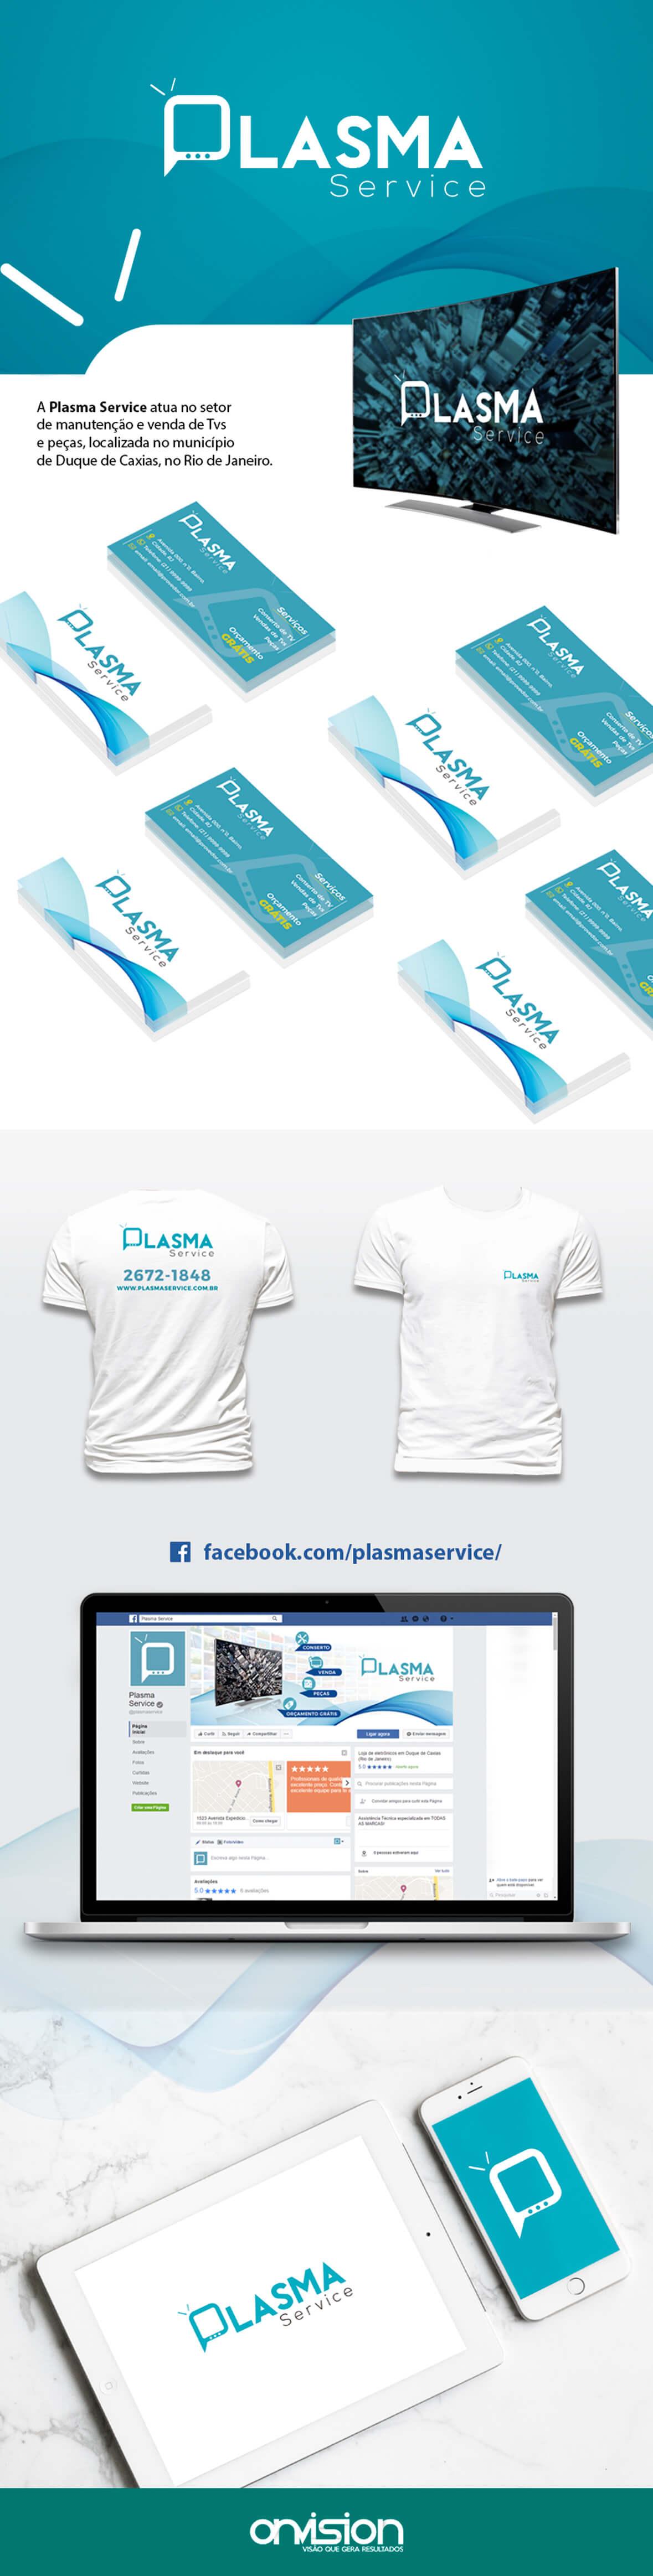 Plasma-service-criacao-de-identidade-visual